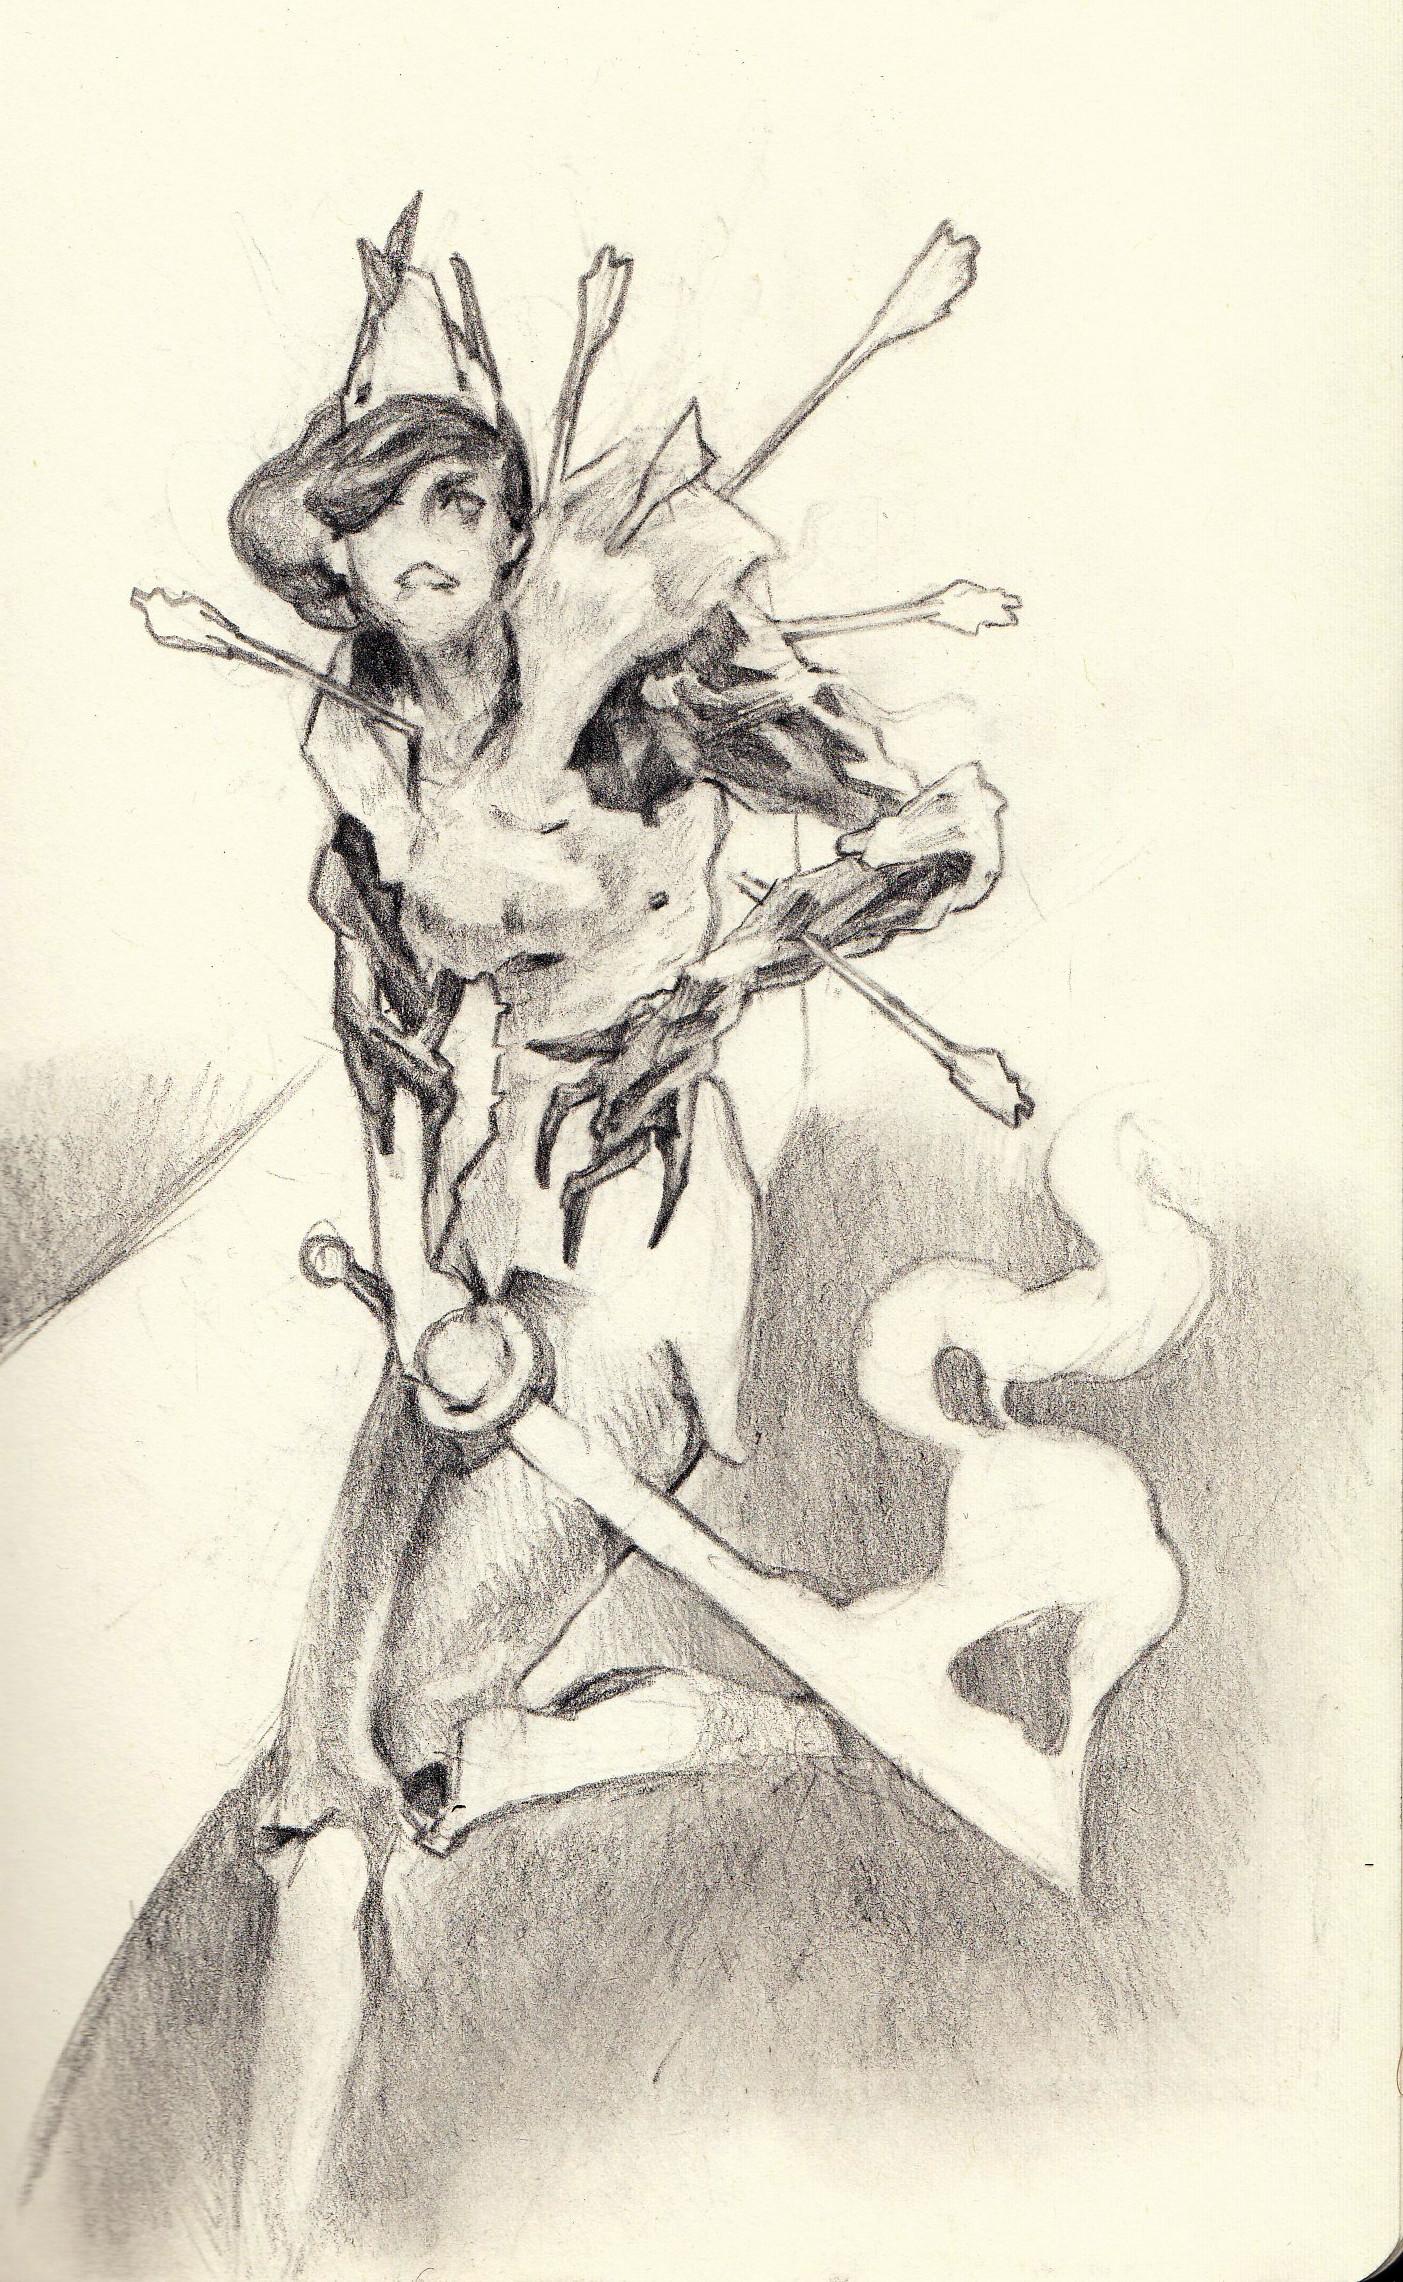 Teo krystufek madqueen sketch girl teokrystufek